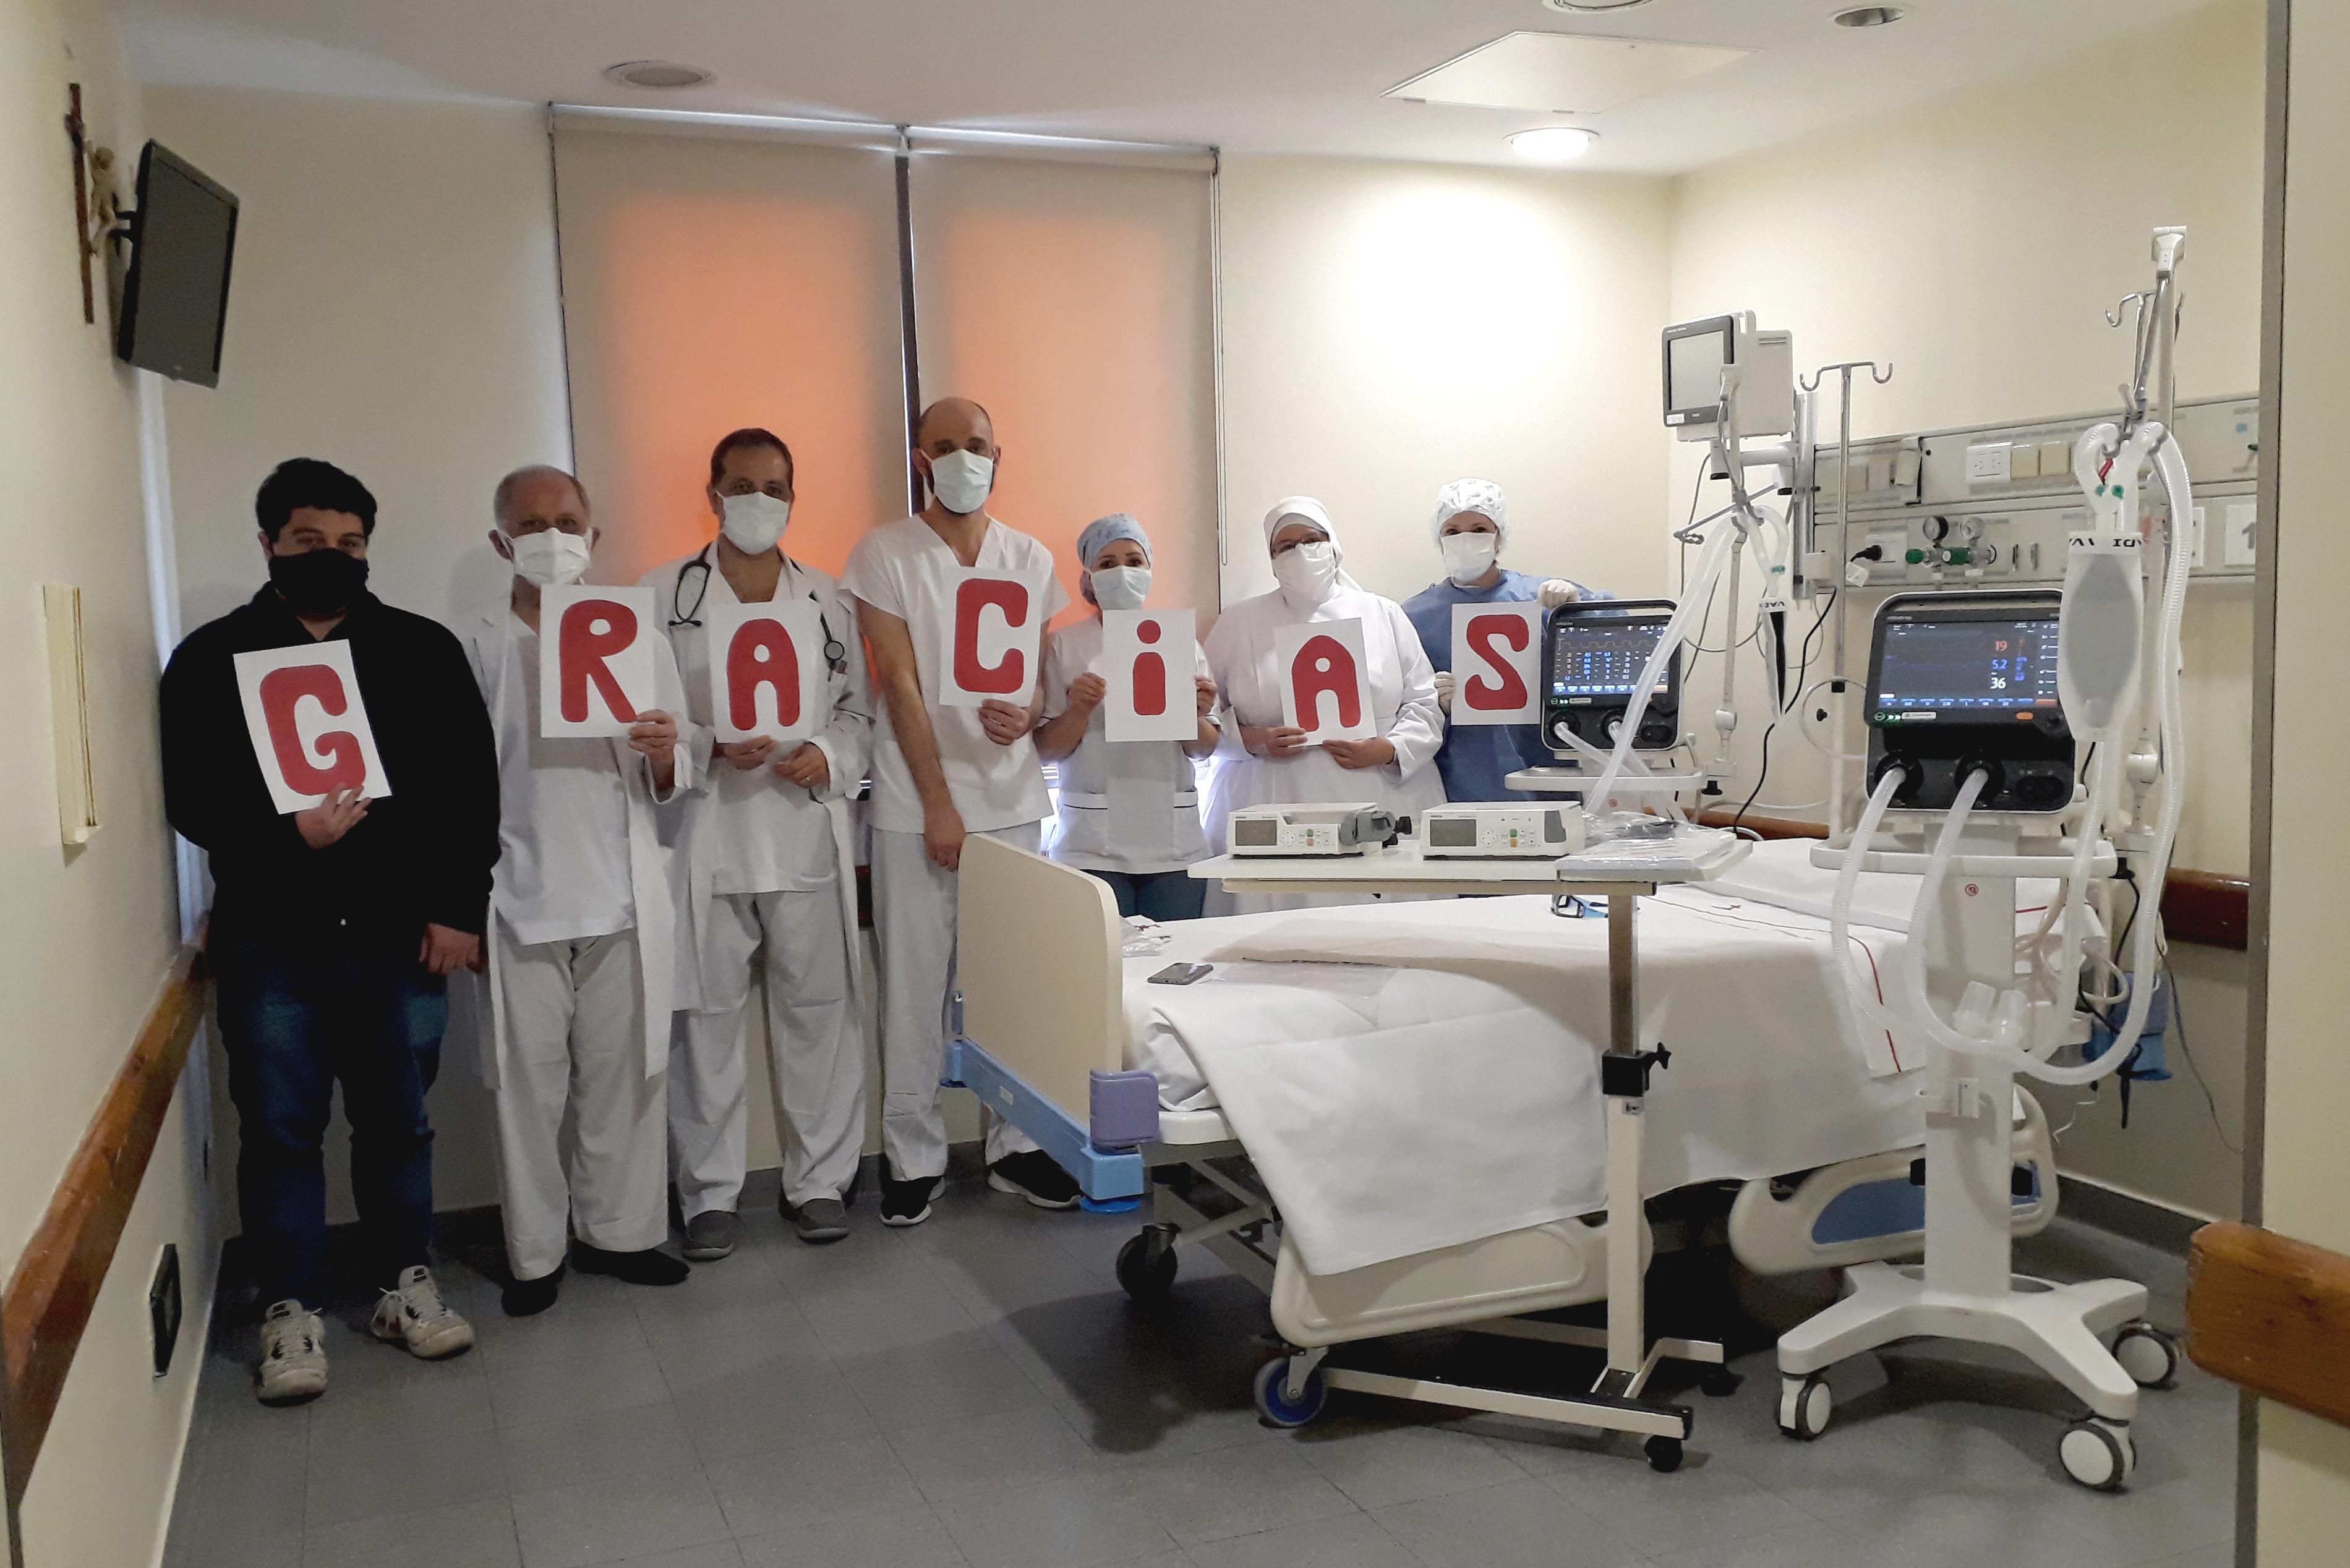 Personal de la Clínica San Camilo en habitación de terapia intensiva mostrando cartel de gracias junto a los dos nuevos respiradores